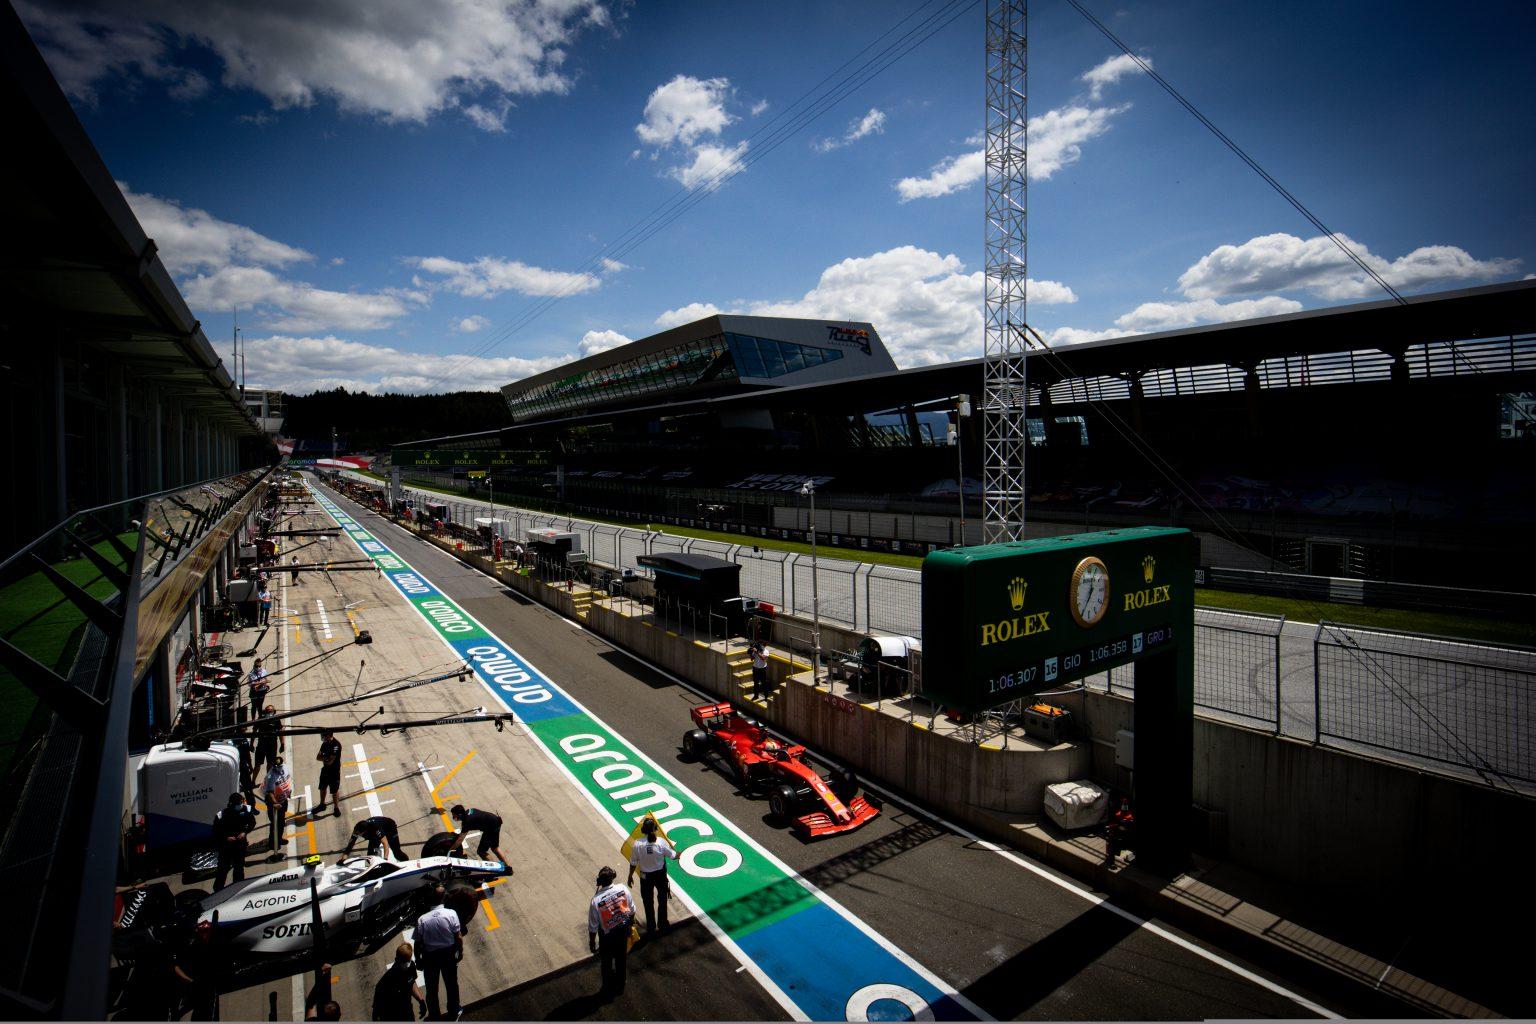 FIA遥测数据暗示法拉利引擎落后奔驰50匹马力